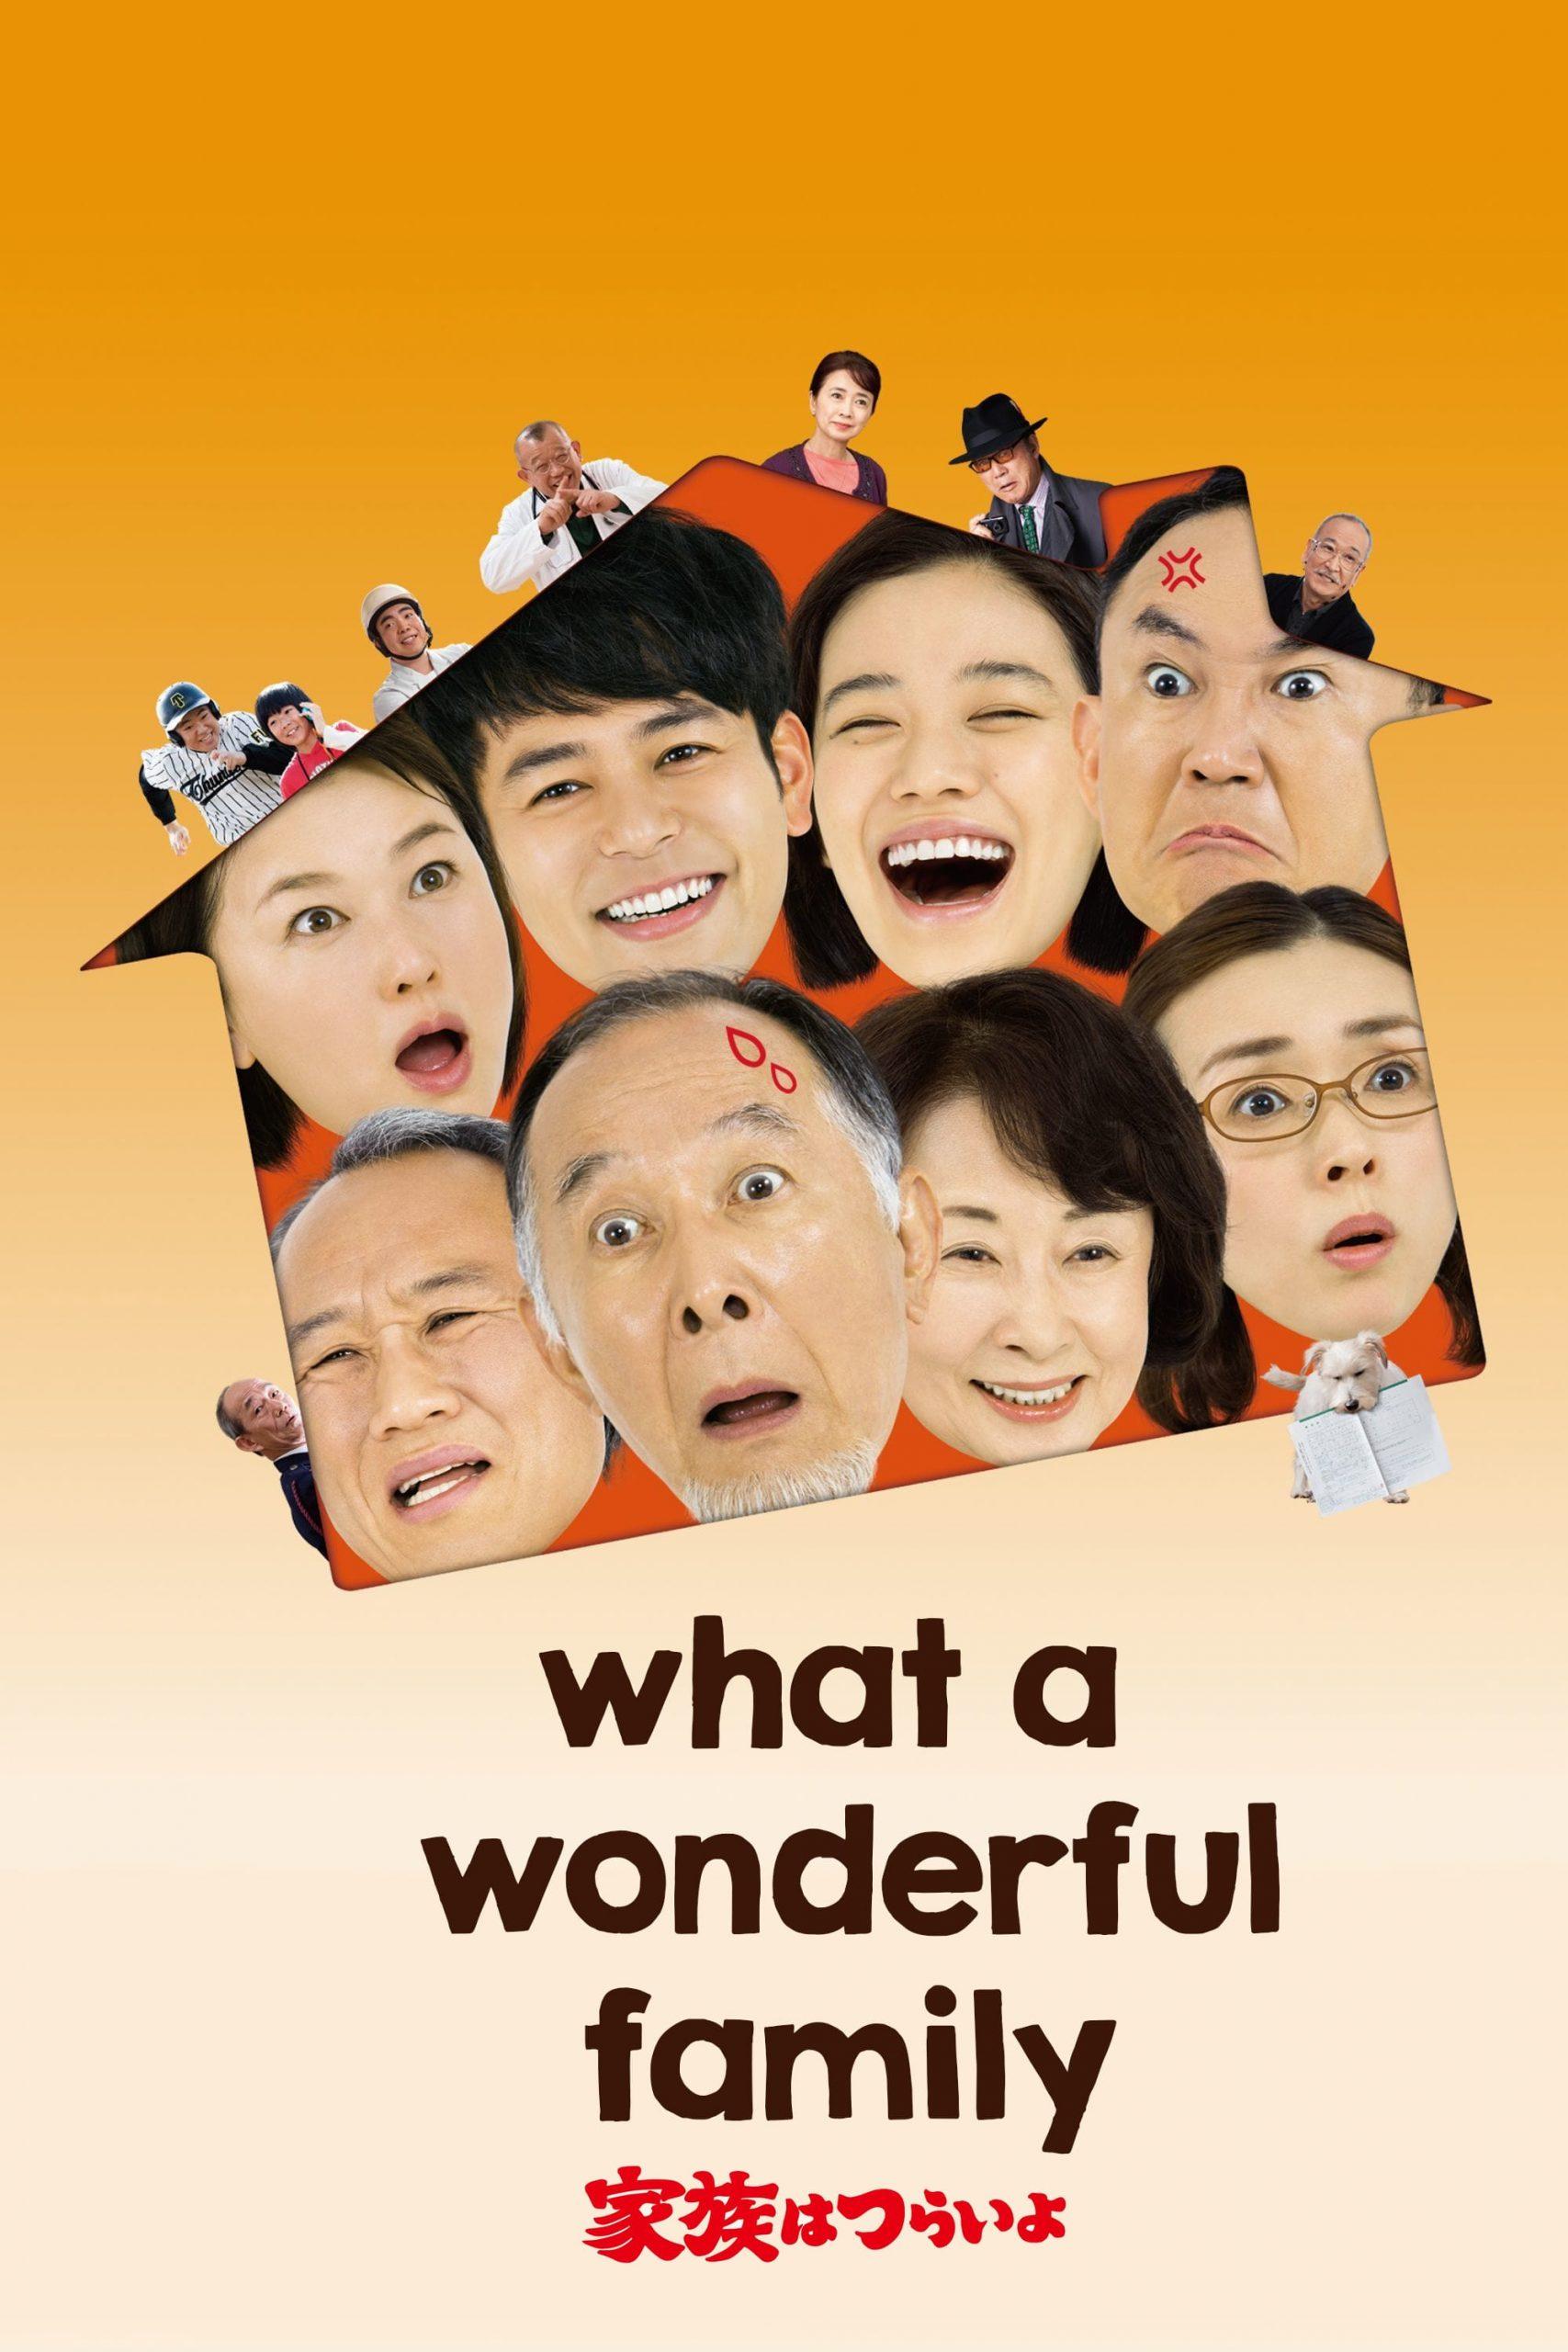 دانلود فیلم What a Wonderful Family! 2016 با دوبله فارسی